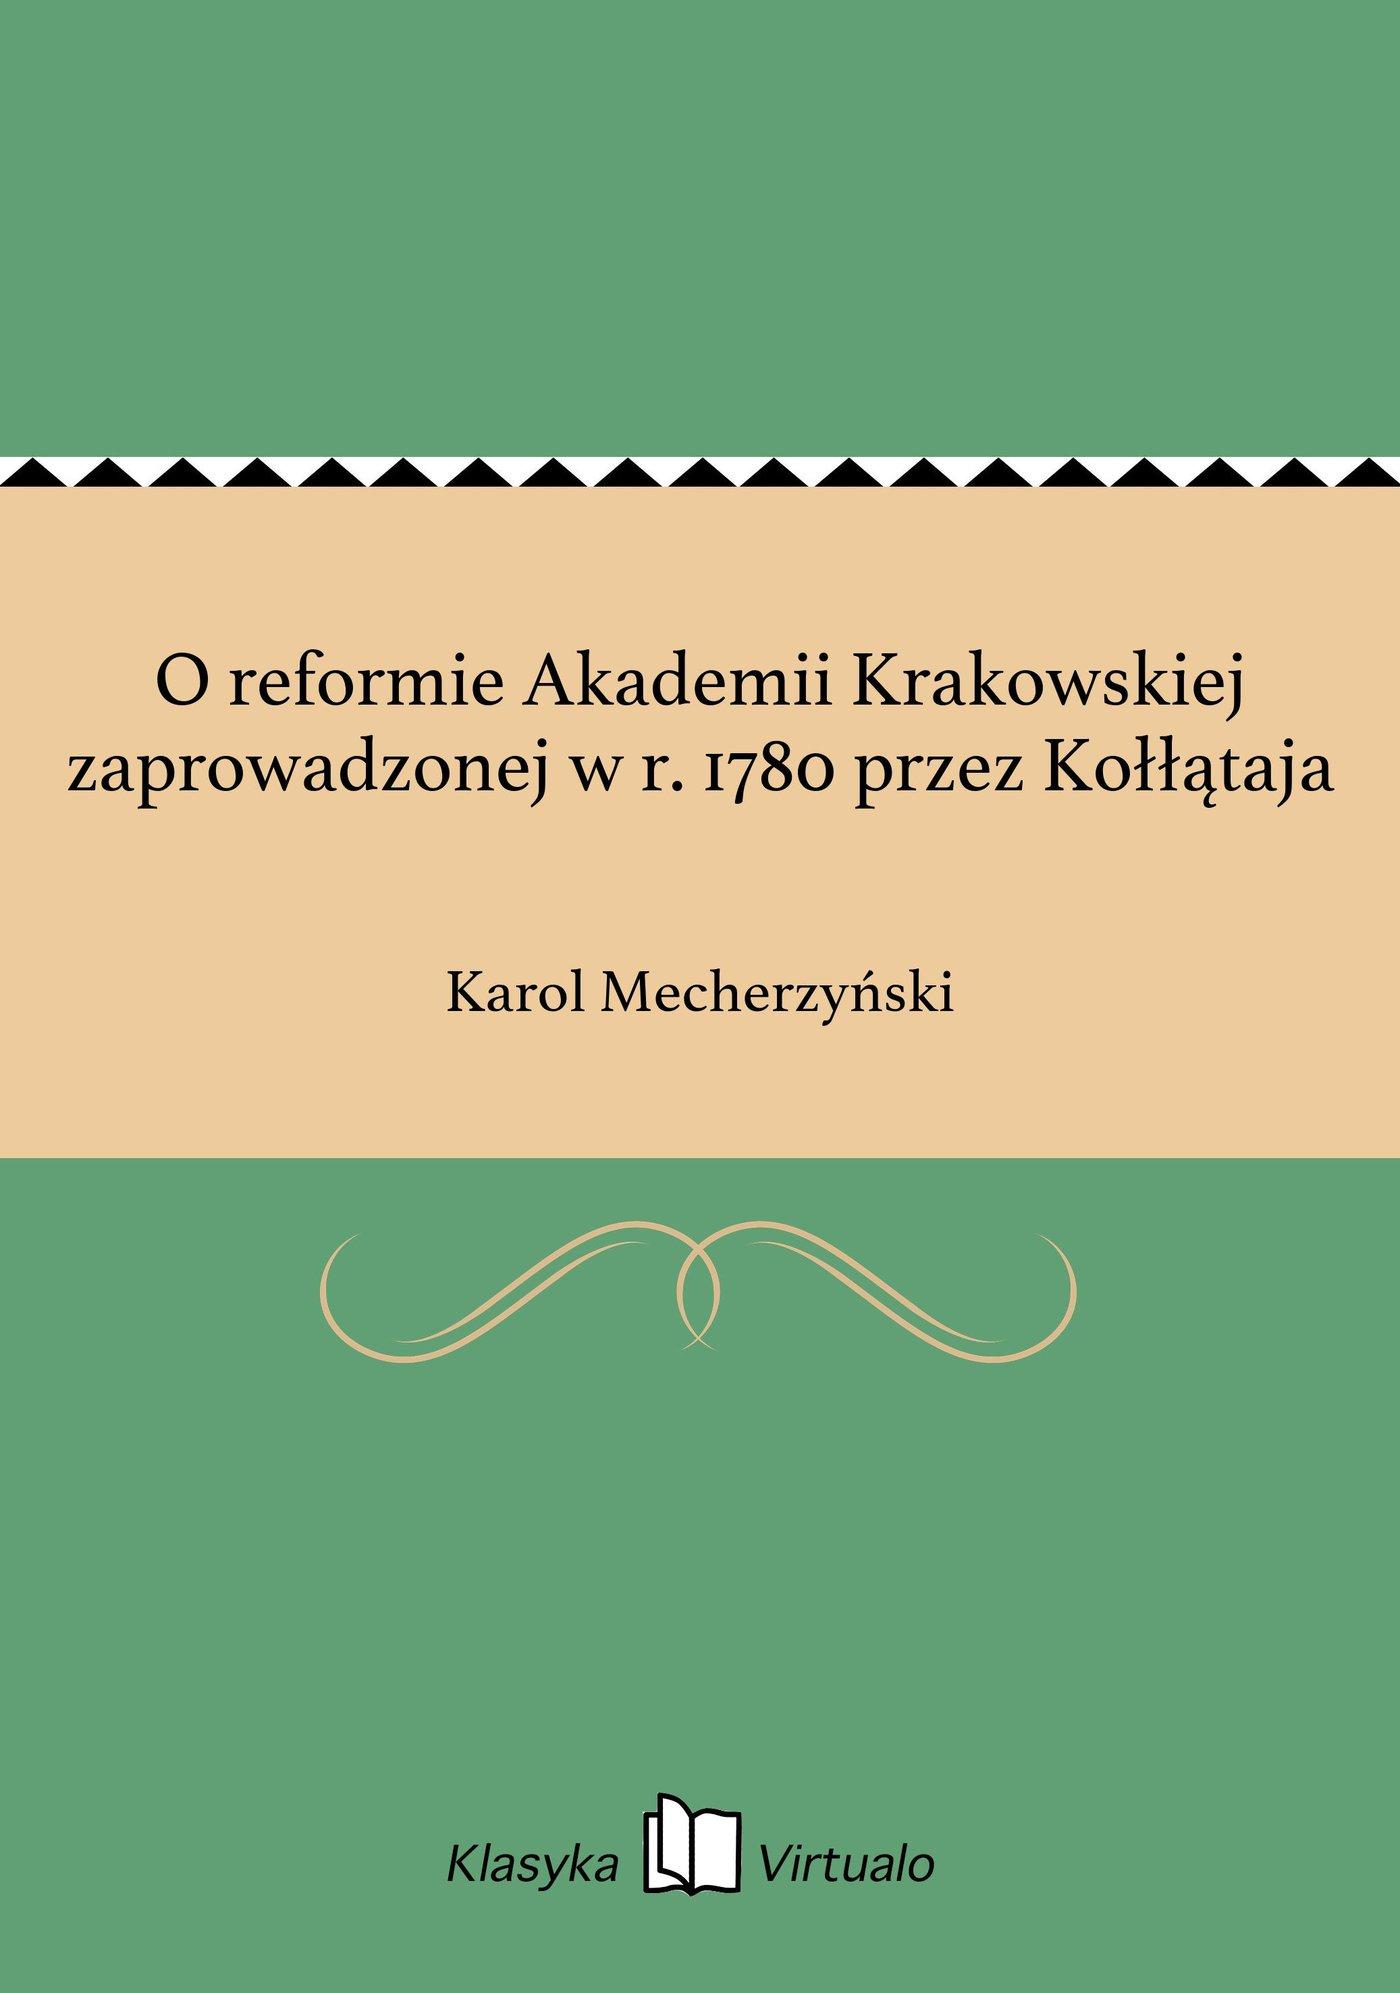 O reformie Akademii Krakowskiej zaprowadzonej w r. 1780 przez Kołłątaja - Ebook (Książka EPUB) do pobrania w formacie EPUB